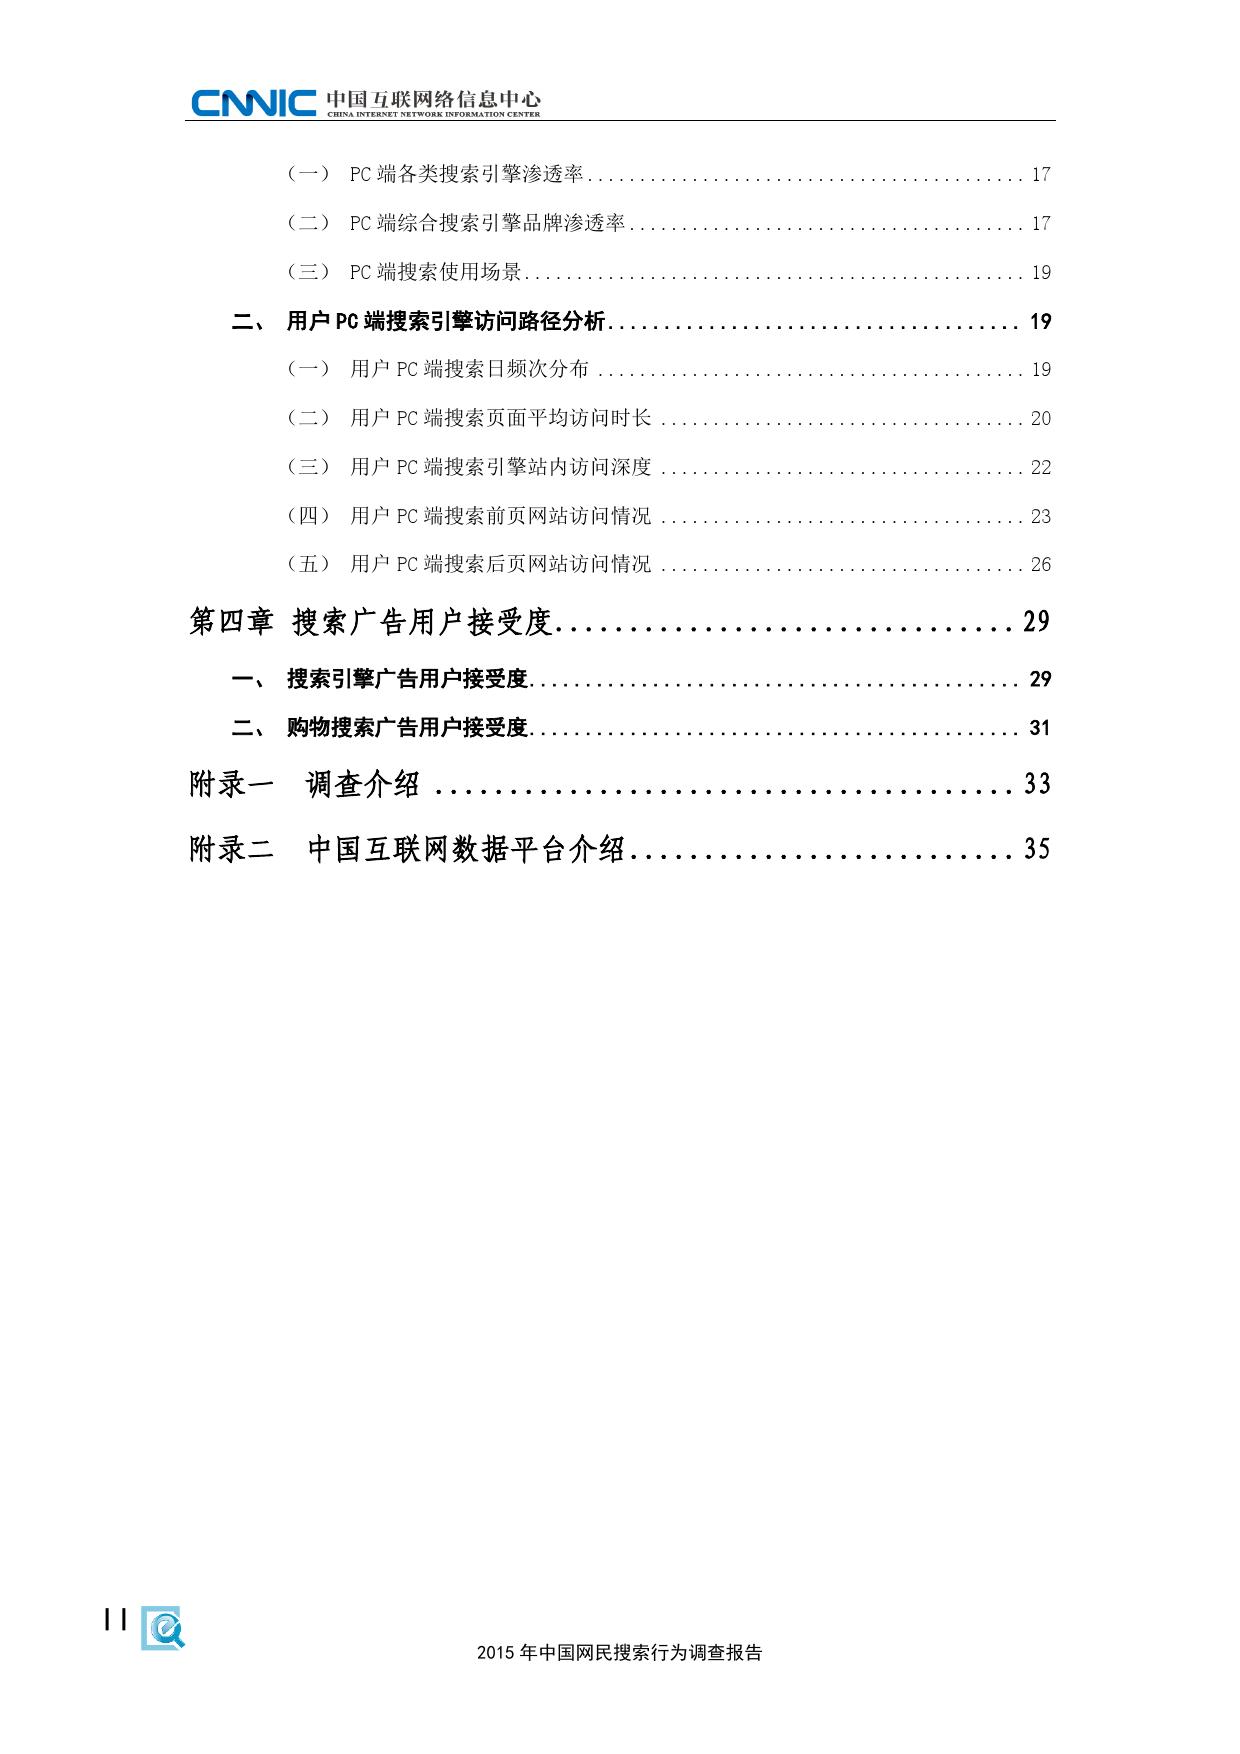 CNNIC:2015年中国网民搜索行为调查_000006